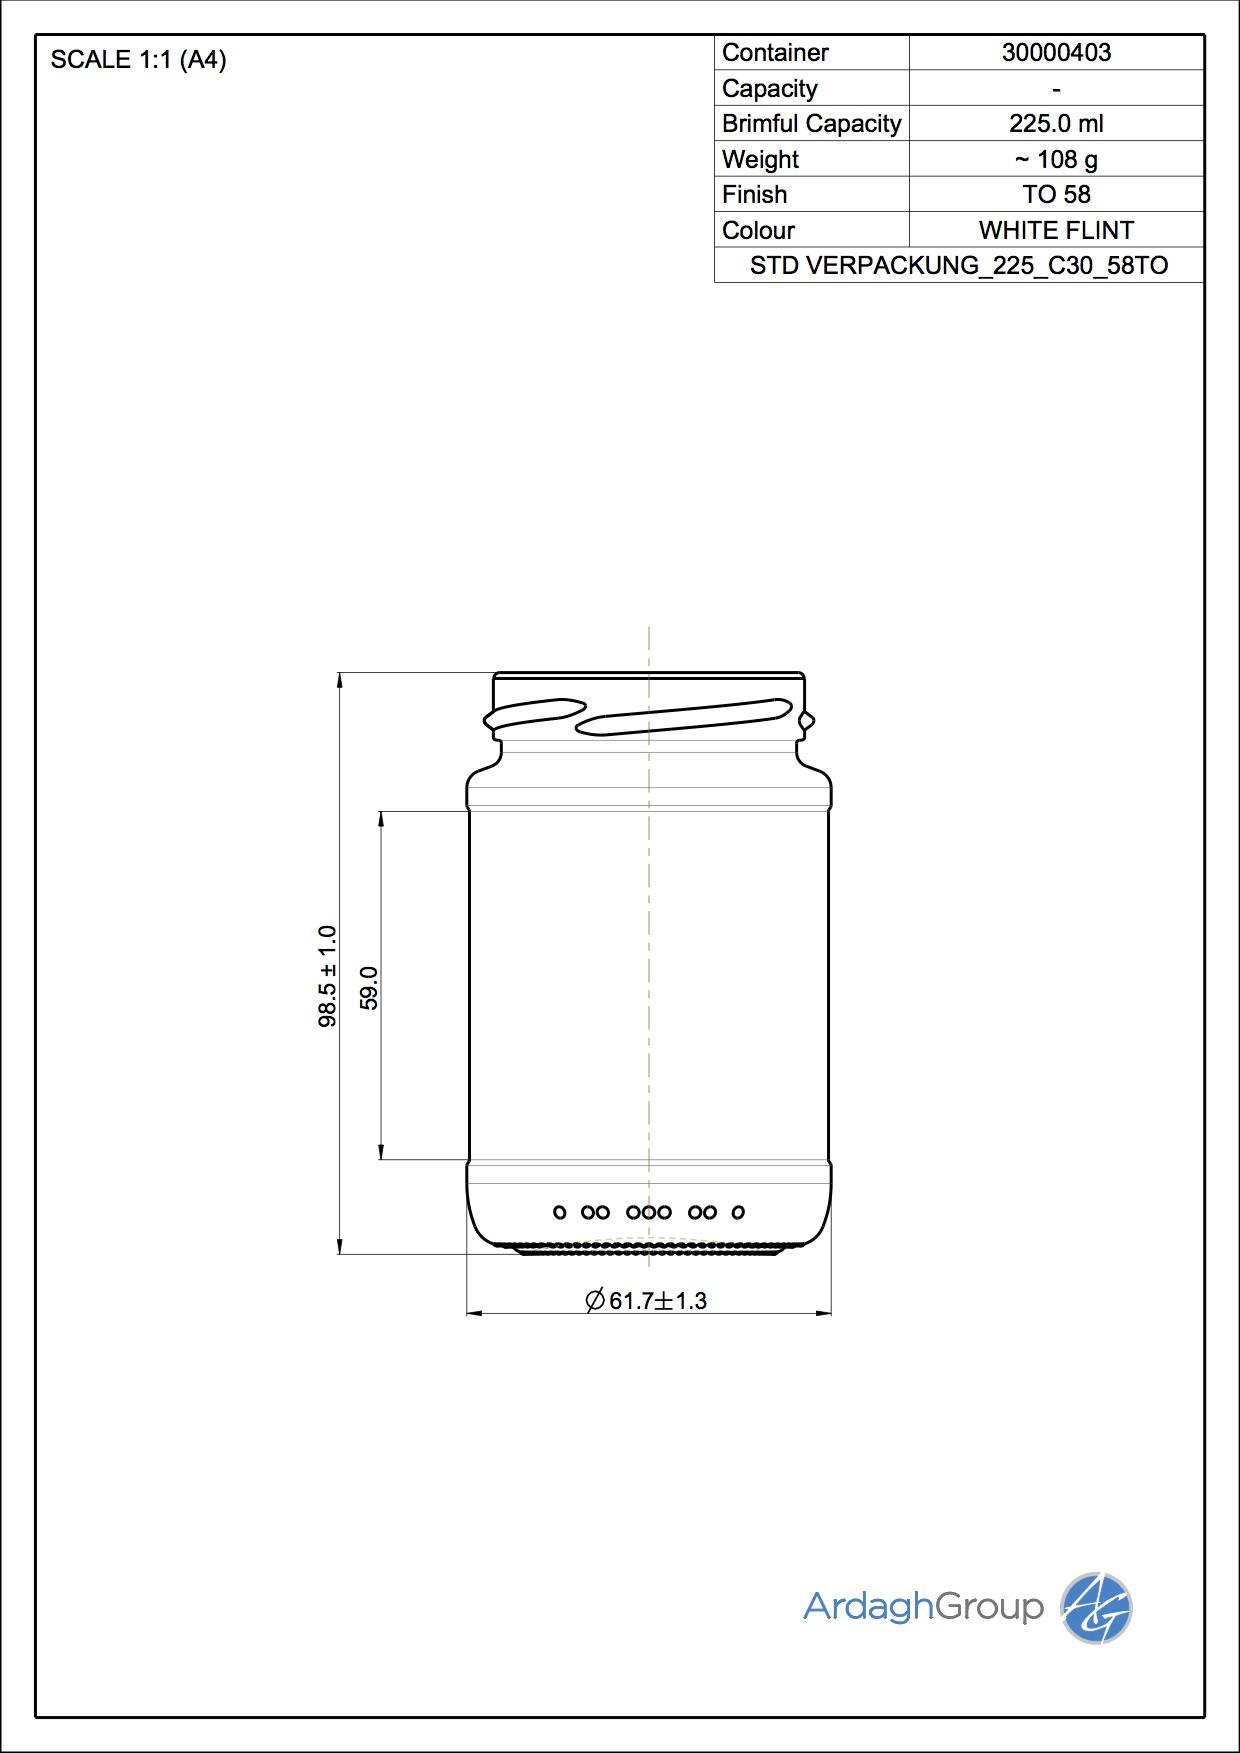 Verpackungsglas 225 C30 58TO